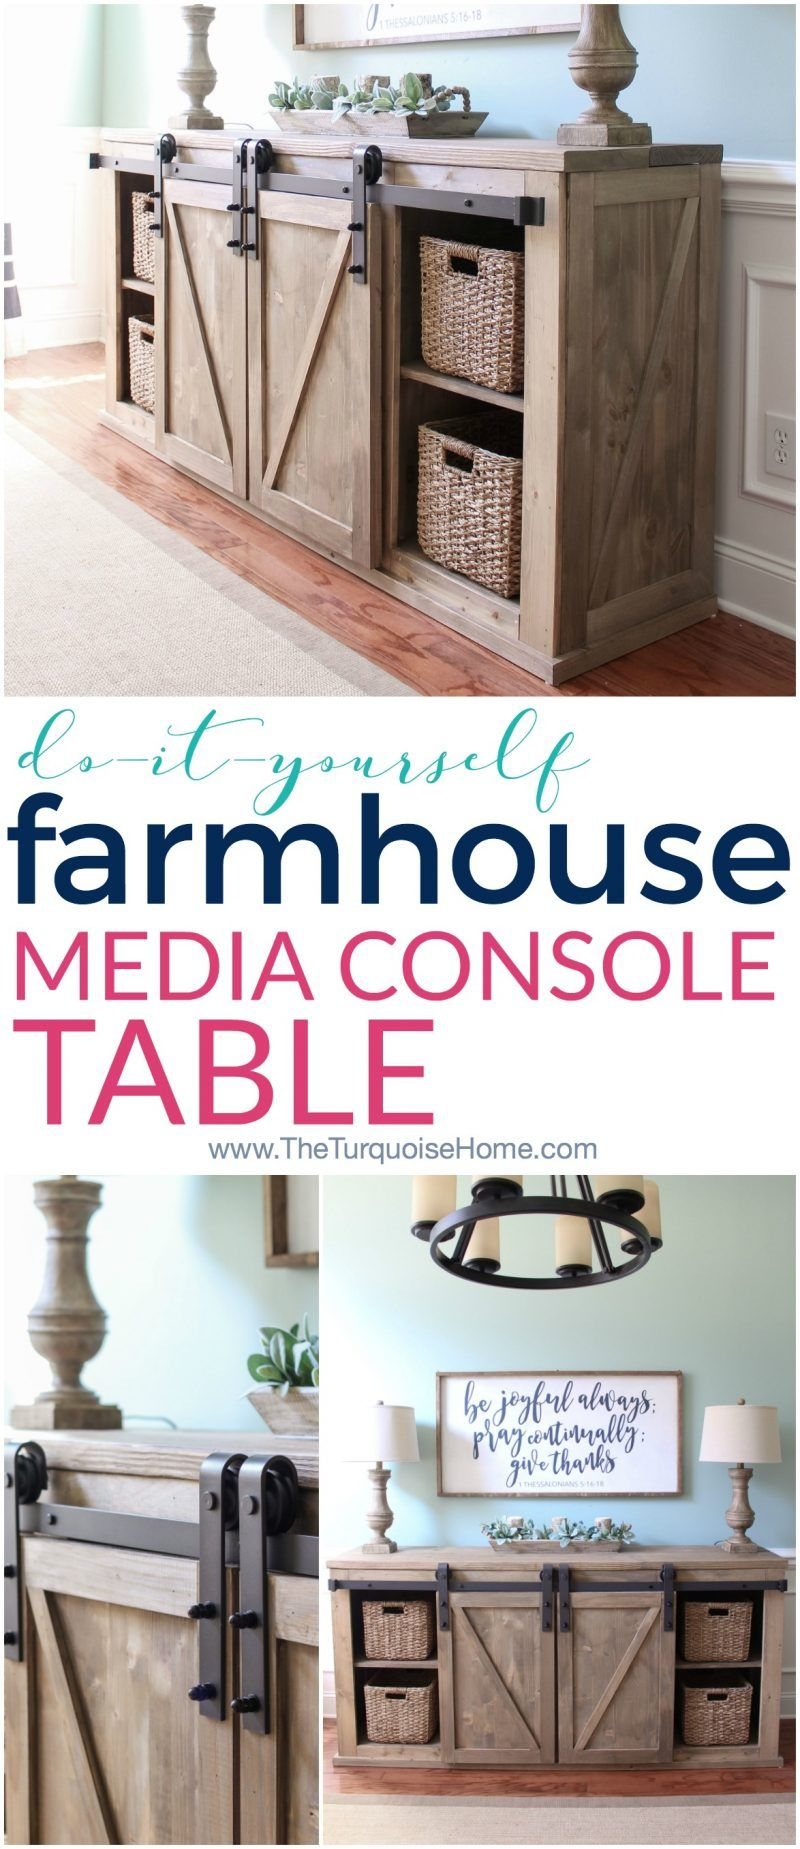 Diy farmhouse media console table sliding barn doors console